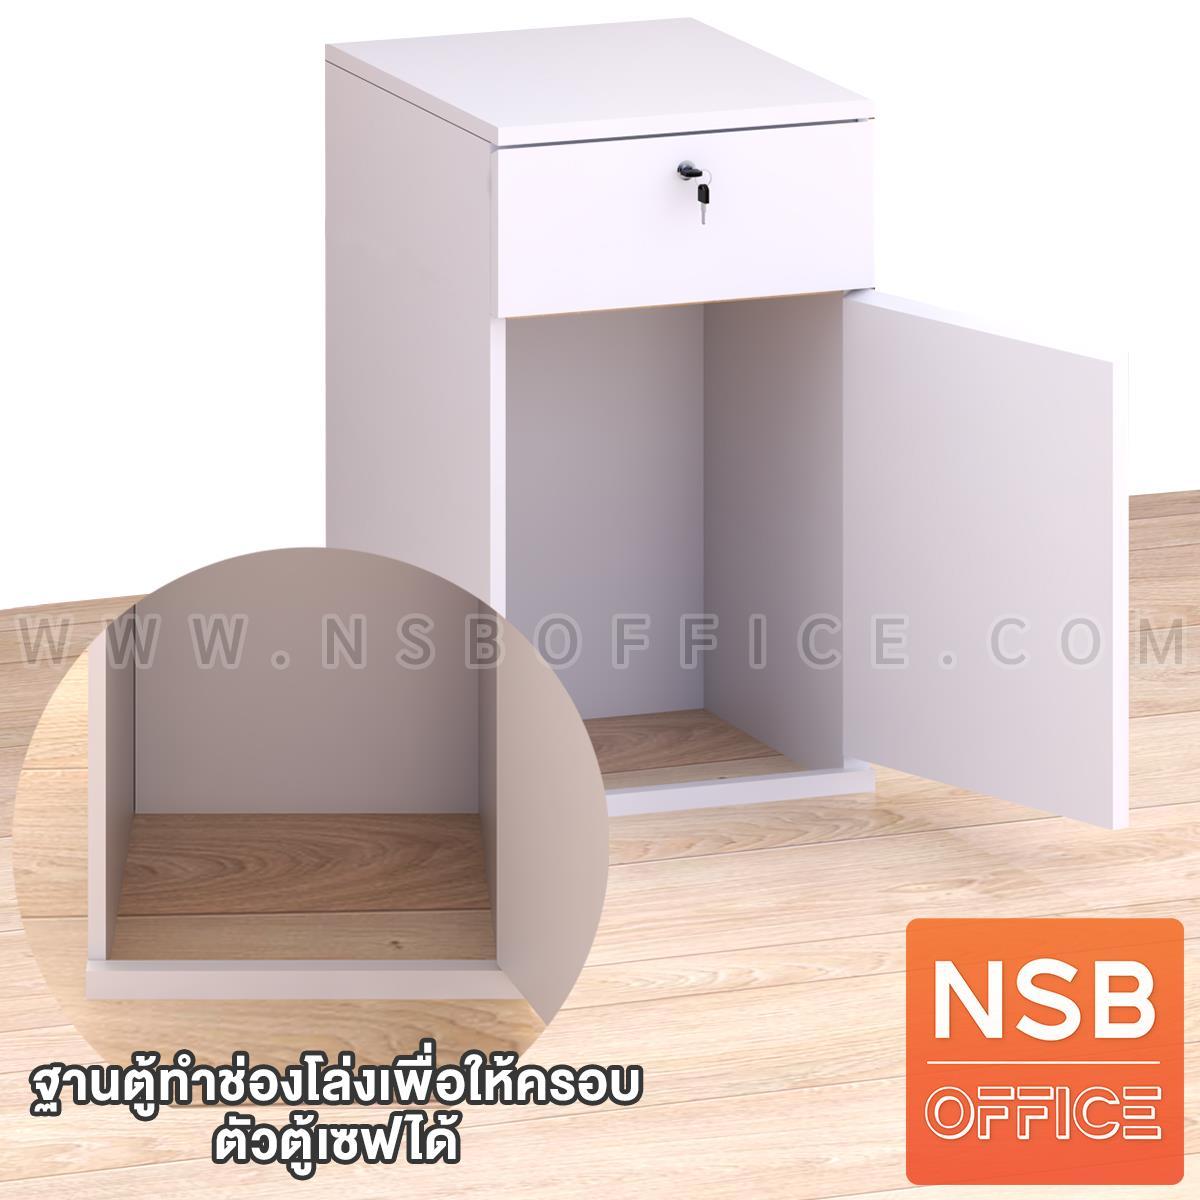 ตู้ครอบเซฟ (แนวตั้ง) รุ่น Mixcloud (มิกซ์คลาวด์) ขนาด 58W*60D*93H cm สำหรับตู้เซฟน้ำหนัก 100 กก.